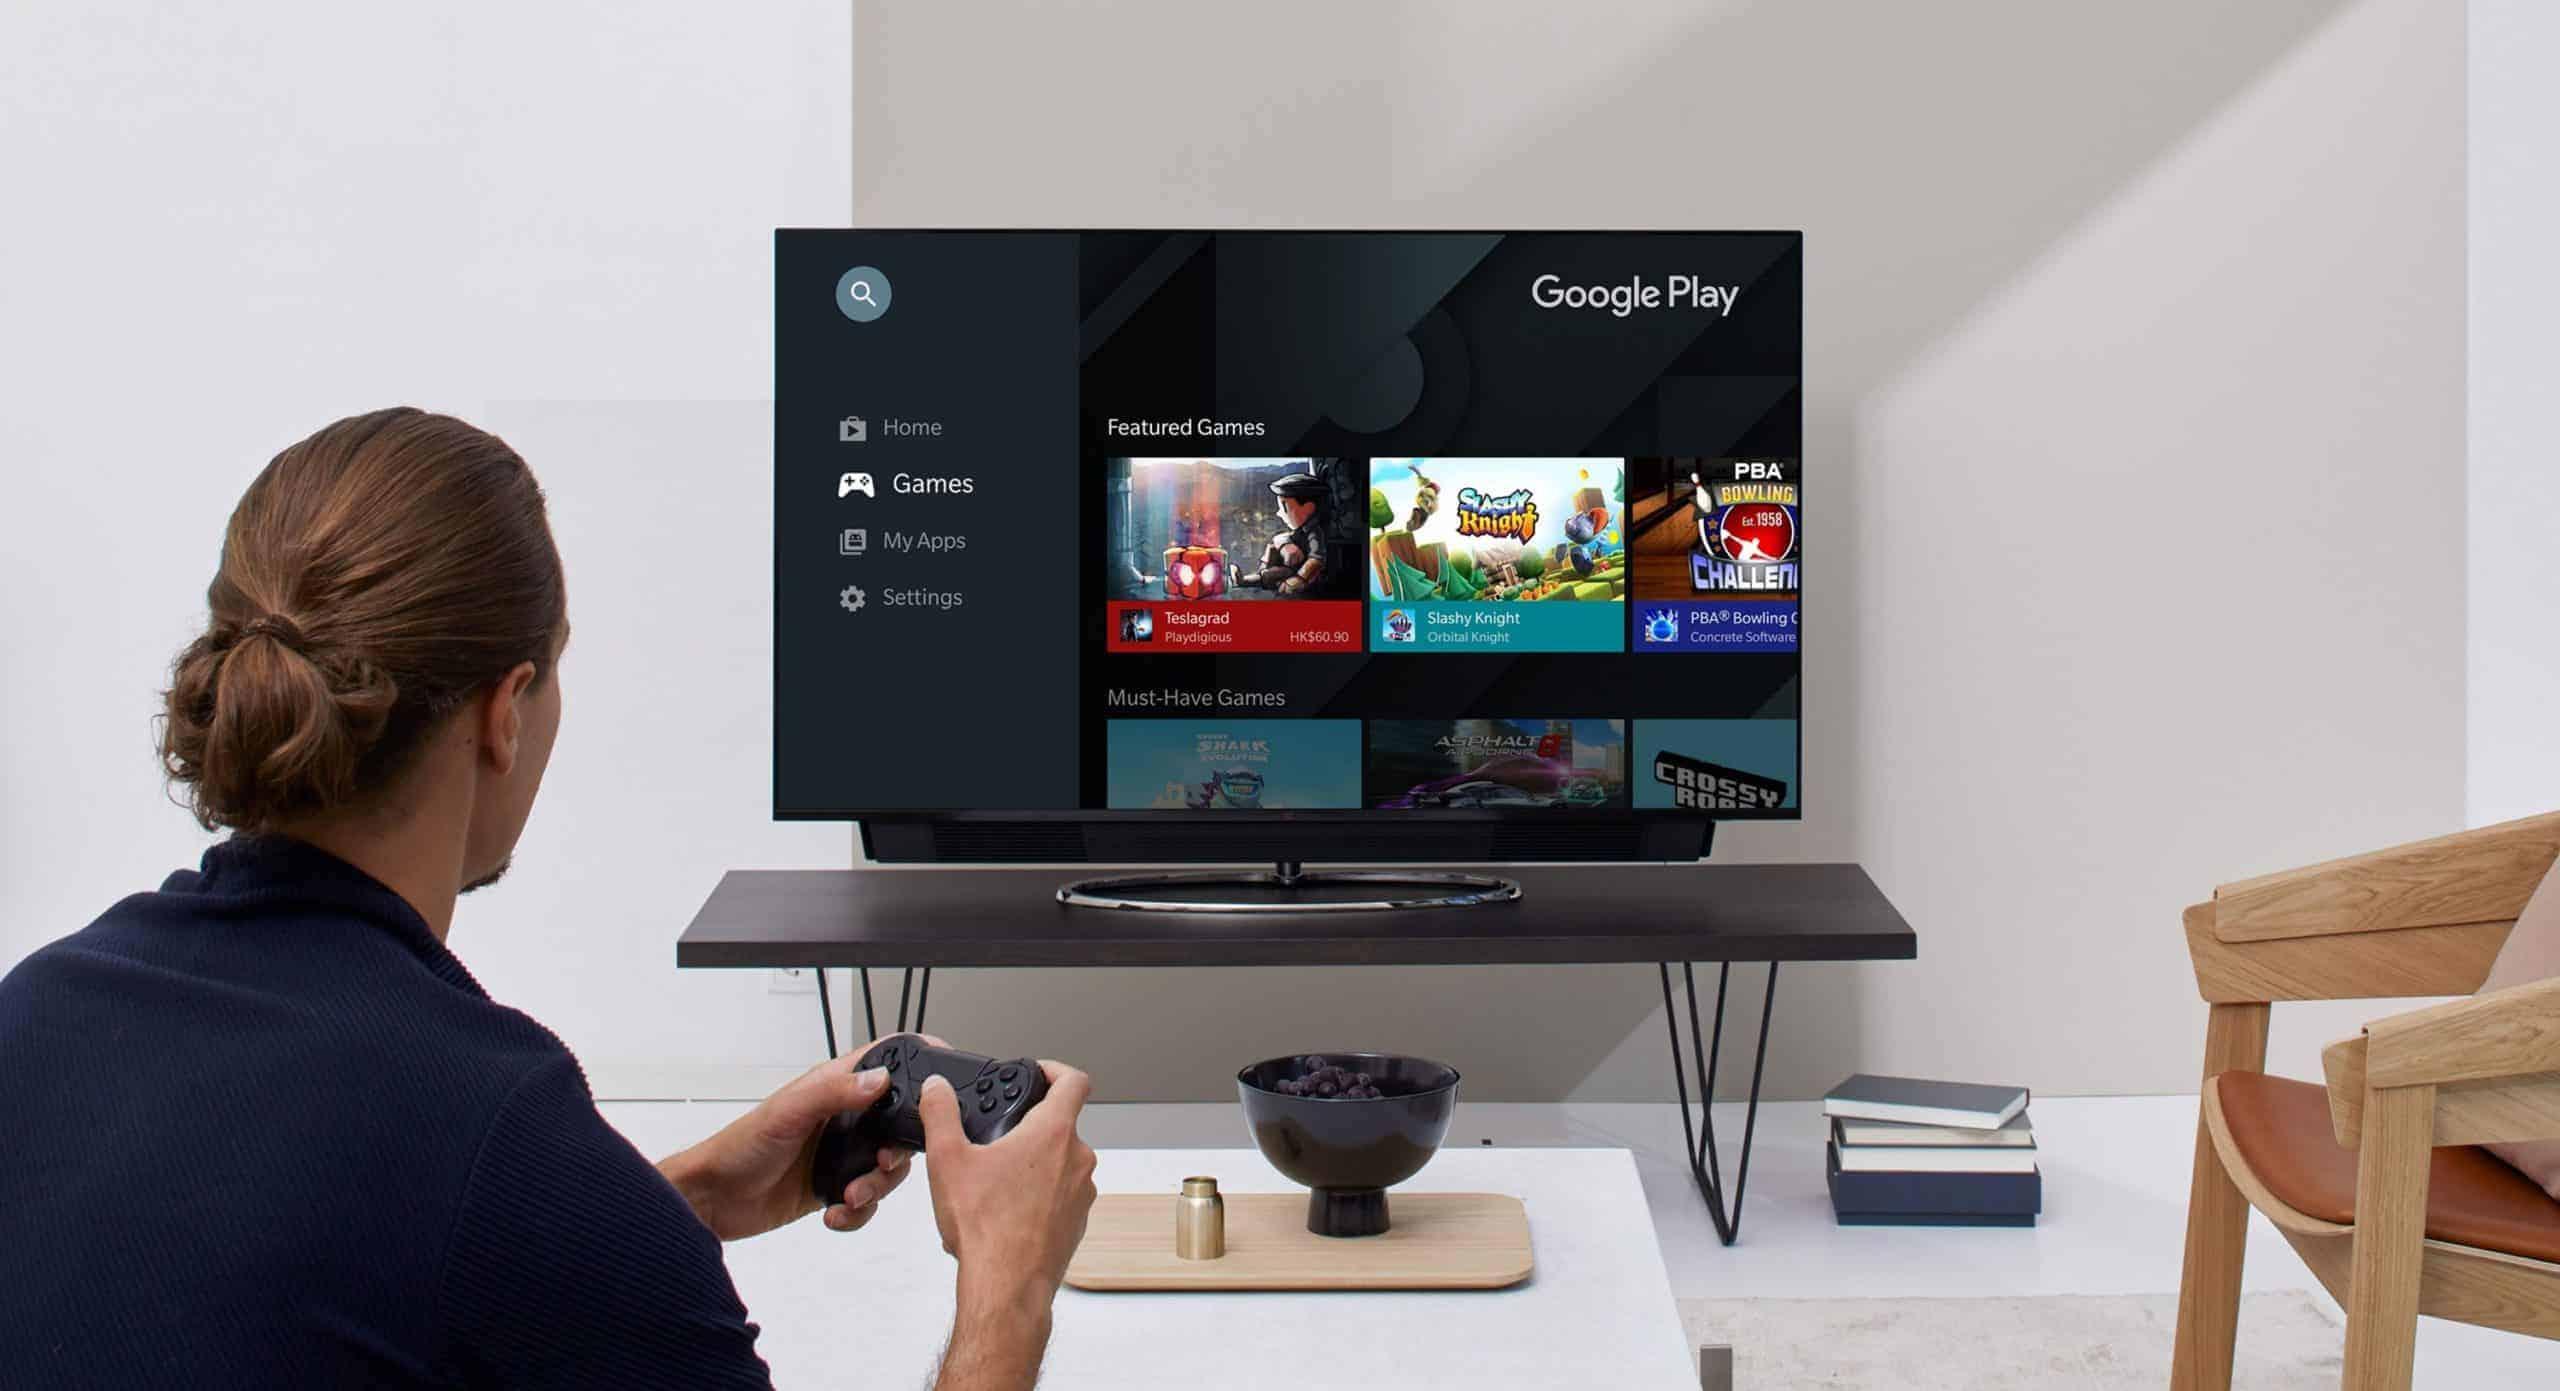 OnePlus TV Q1 Pro image 5